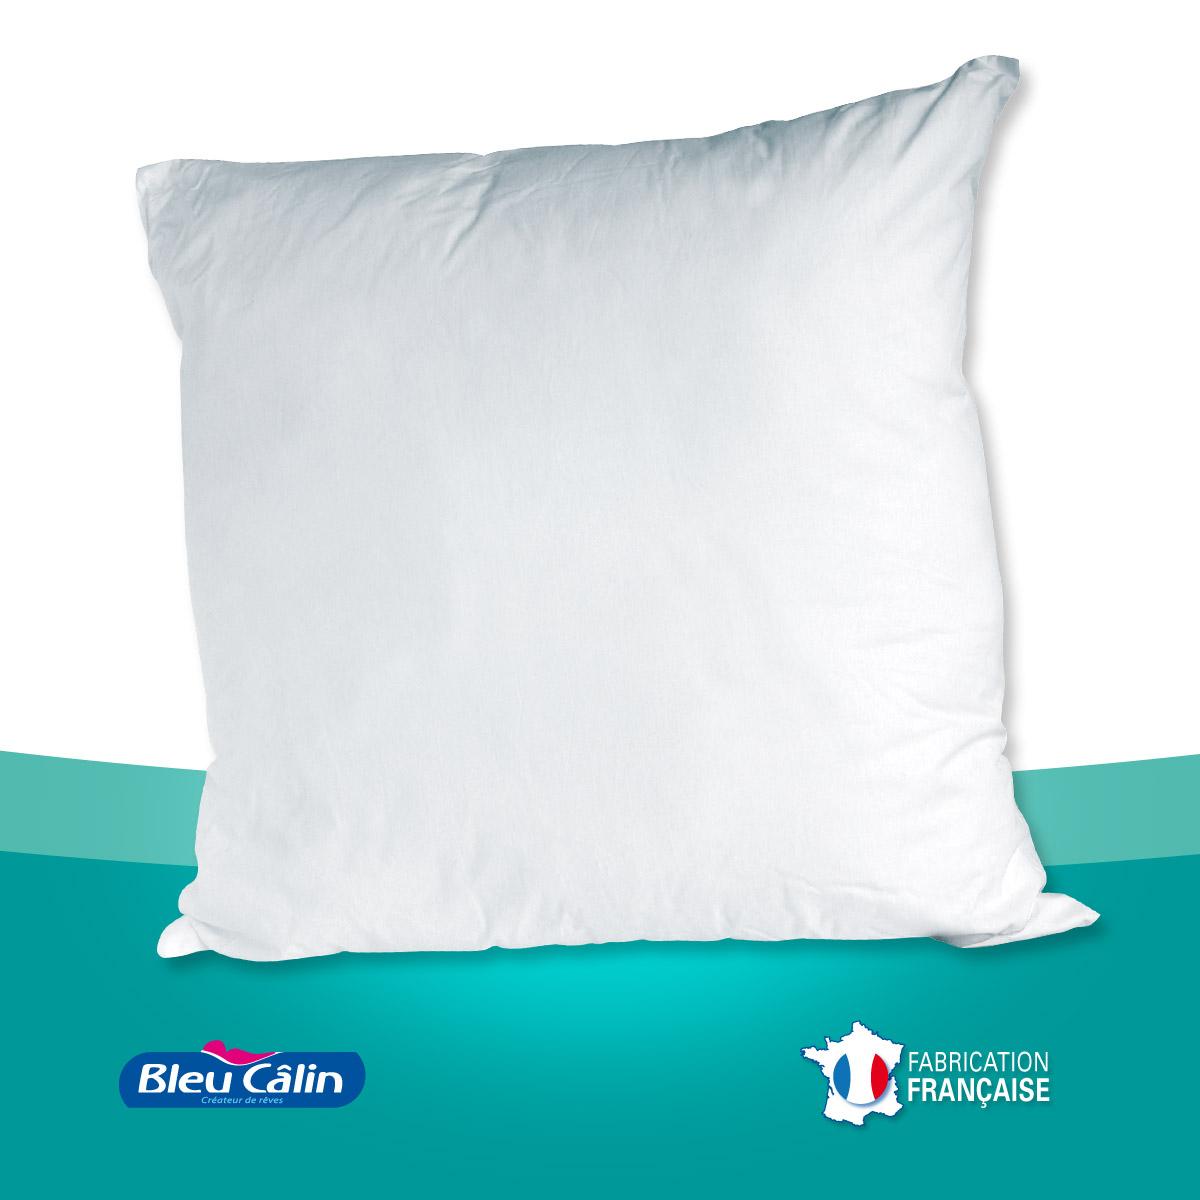 oreiller bleu calin Literie Confort : des têtes de lit et accessoires oreiller bleu calin